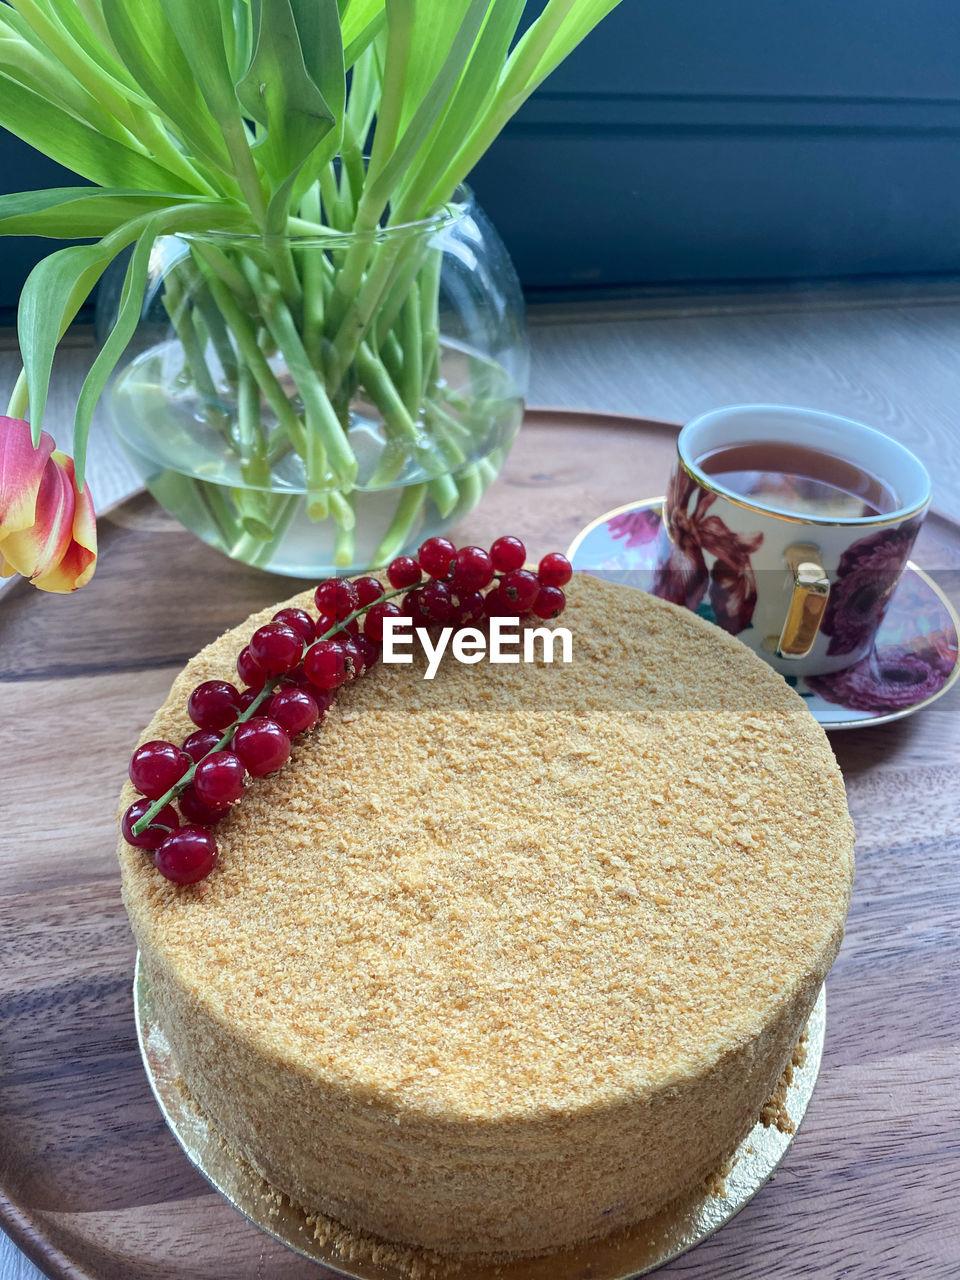 HIGH ANGLE VIEW OF CAKE WITH LEMON ON TABLE